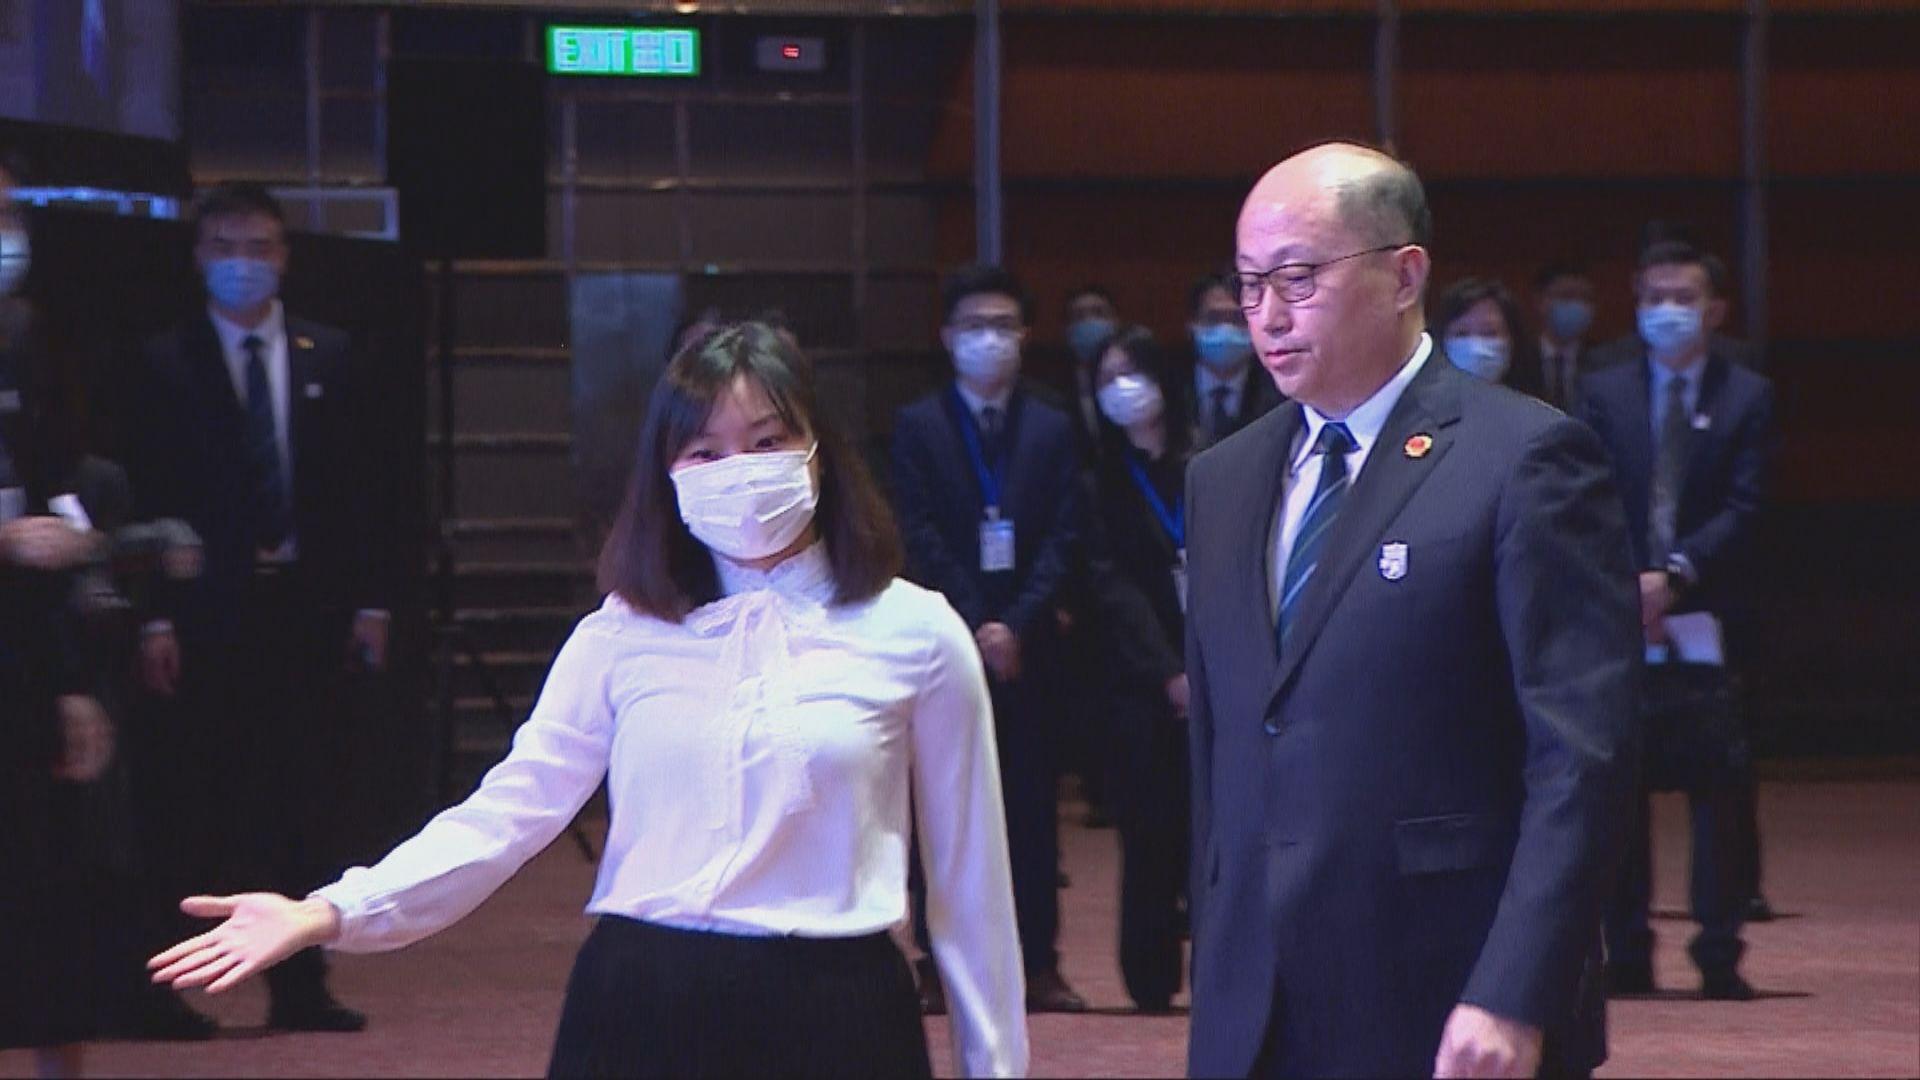 鄭雁雄:完善香港選舉制度將轉化為維護國安效能